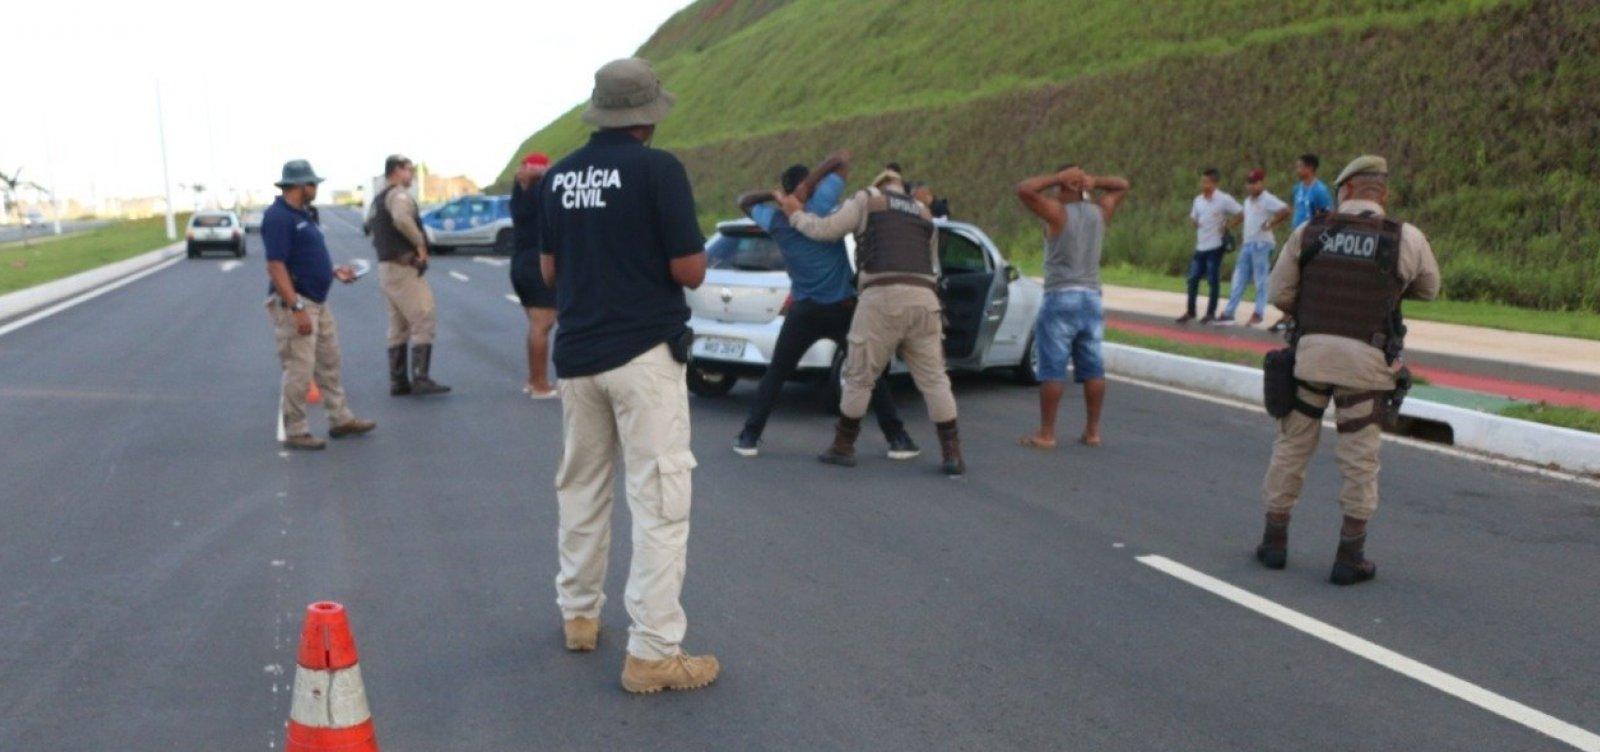 [Roubos de veículos em Salvador têm queda de 29,3% no mês de junho]